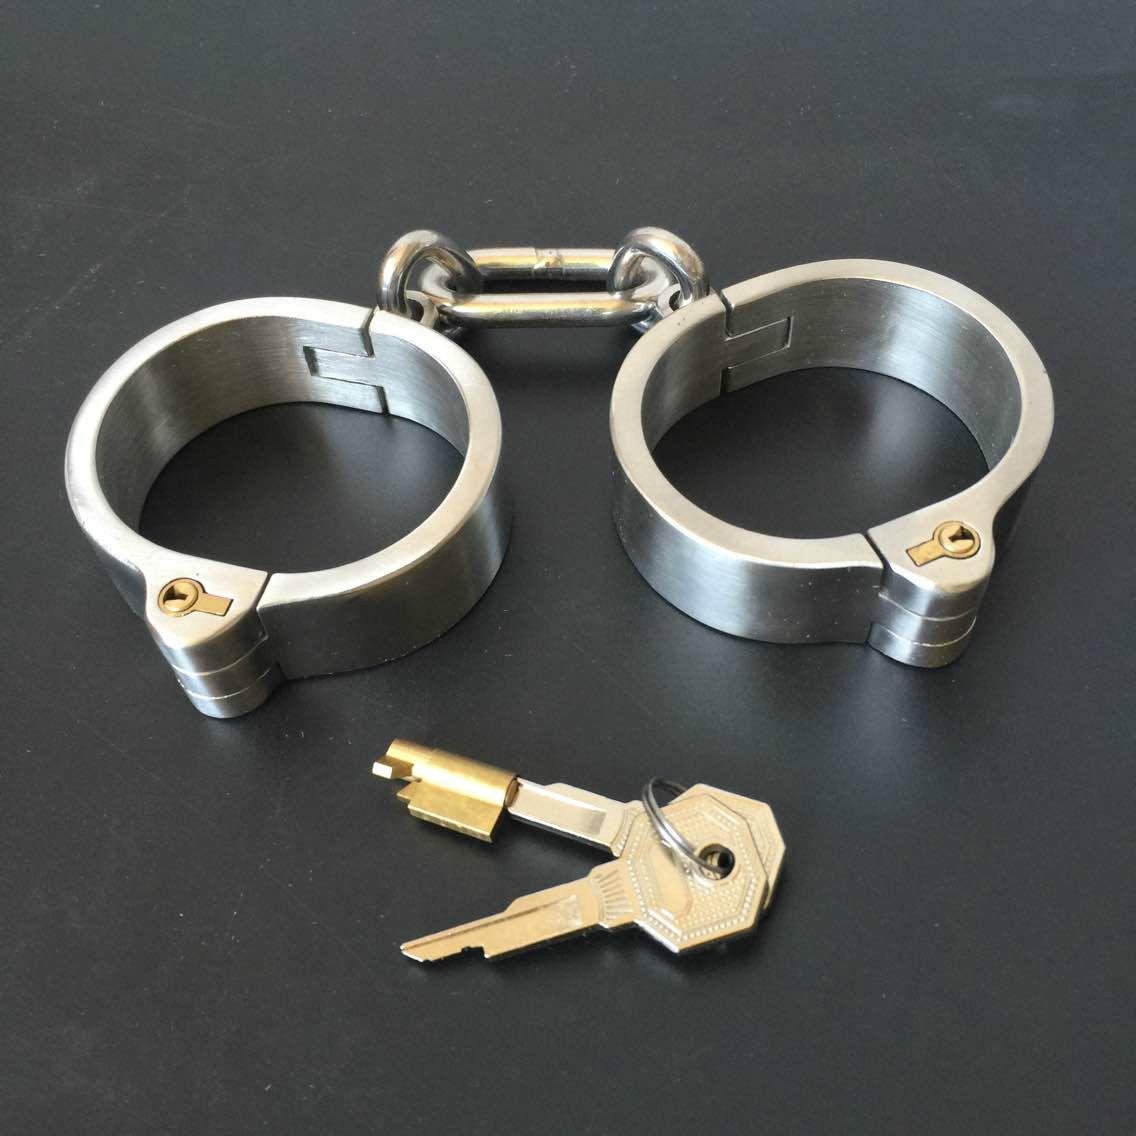 Unisex Aço Inoxidável Handcurfs Ankle Buffs Collar Bondage Engrenagem BDSM Brinquedos e brinquedos sexuais